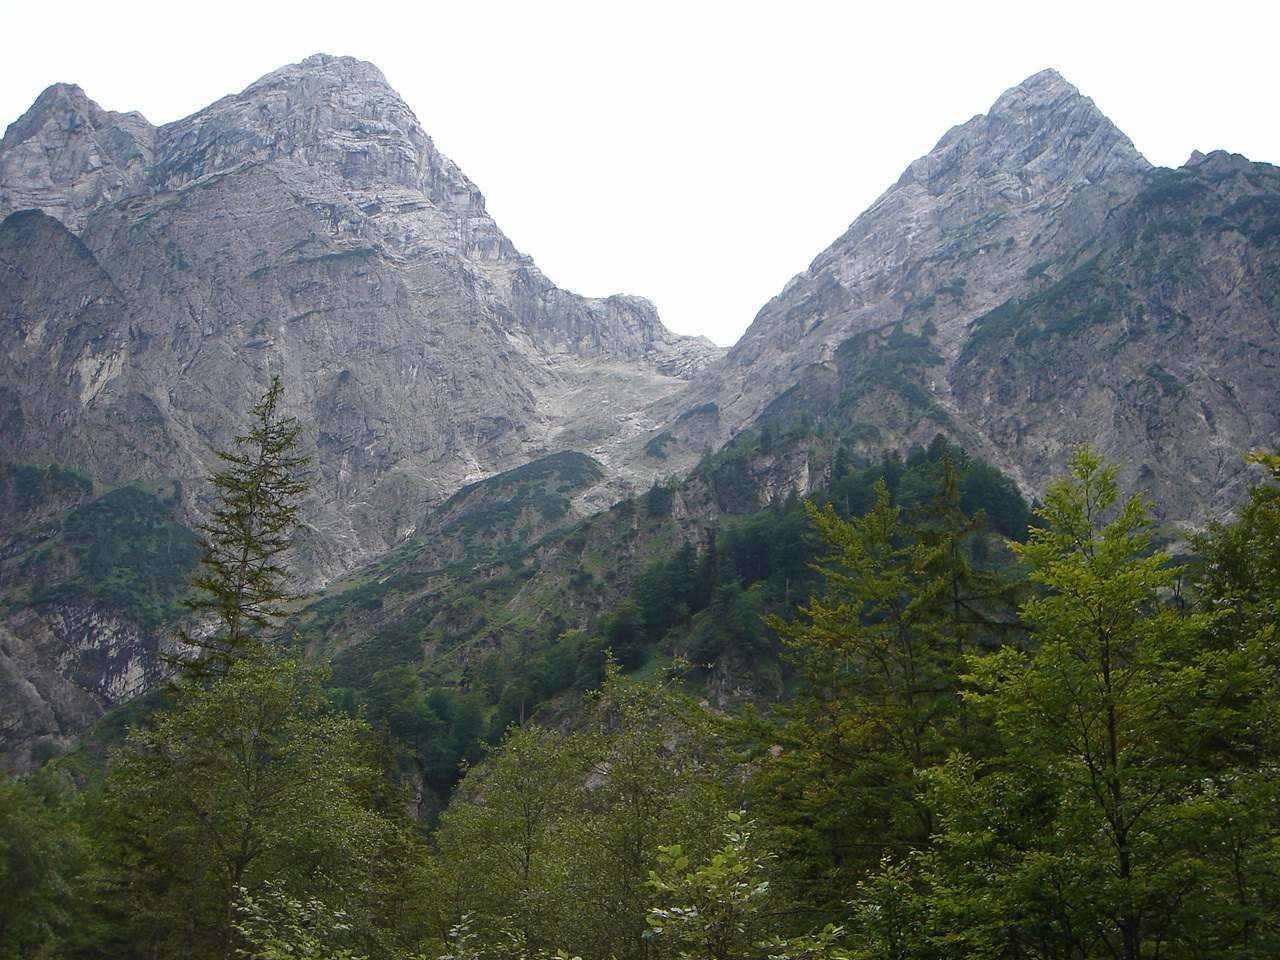 Foto: Manfred Karl / Wander Tour / Auf den Zwölfer über den Grießkarsteig / Eindrucksvoll umrahmt wird das Grieskar vom Elfer und vom Zwölfer. / 18.05.2007 23:52:43